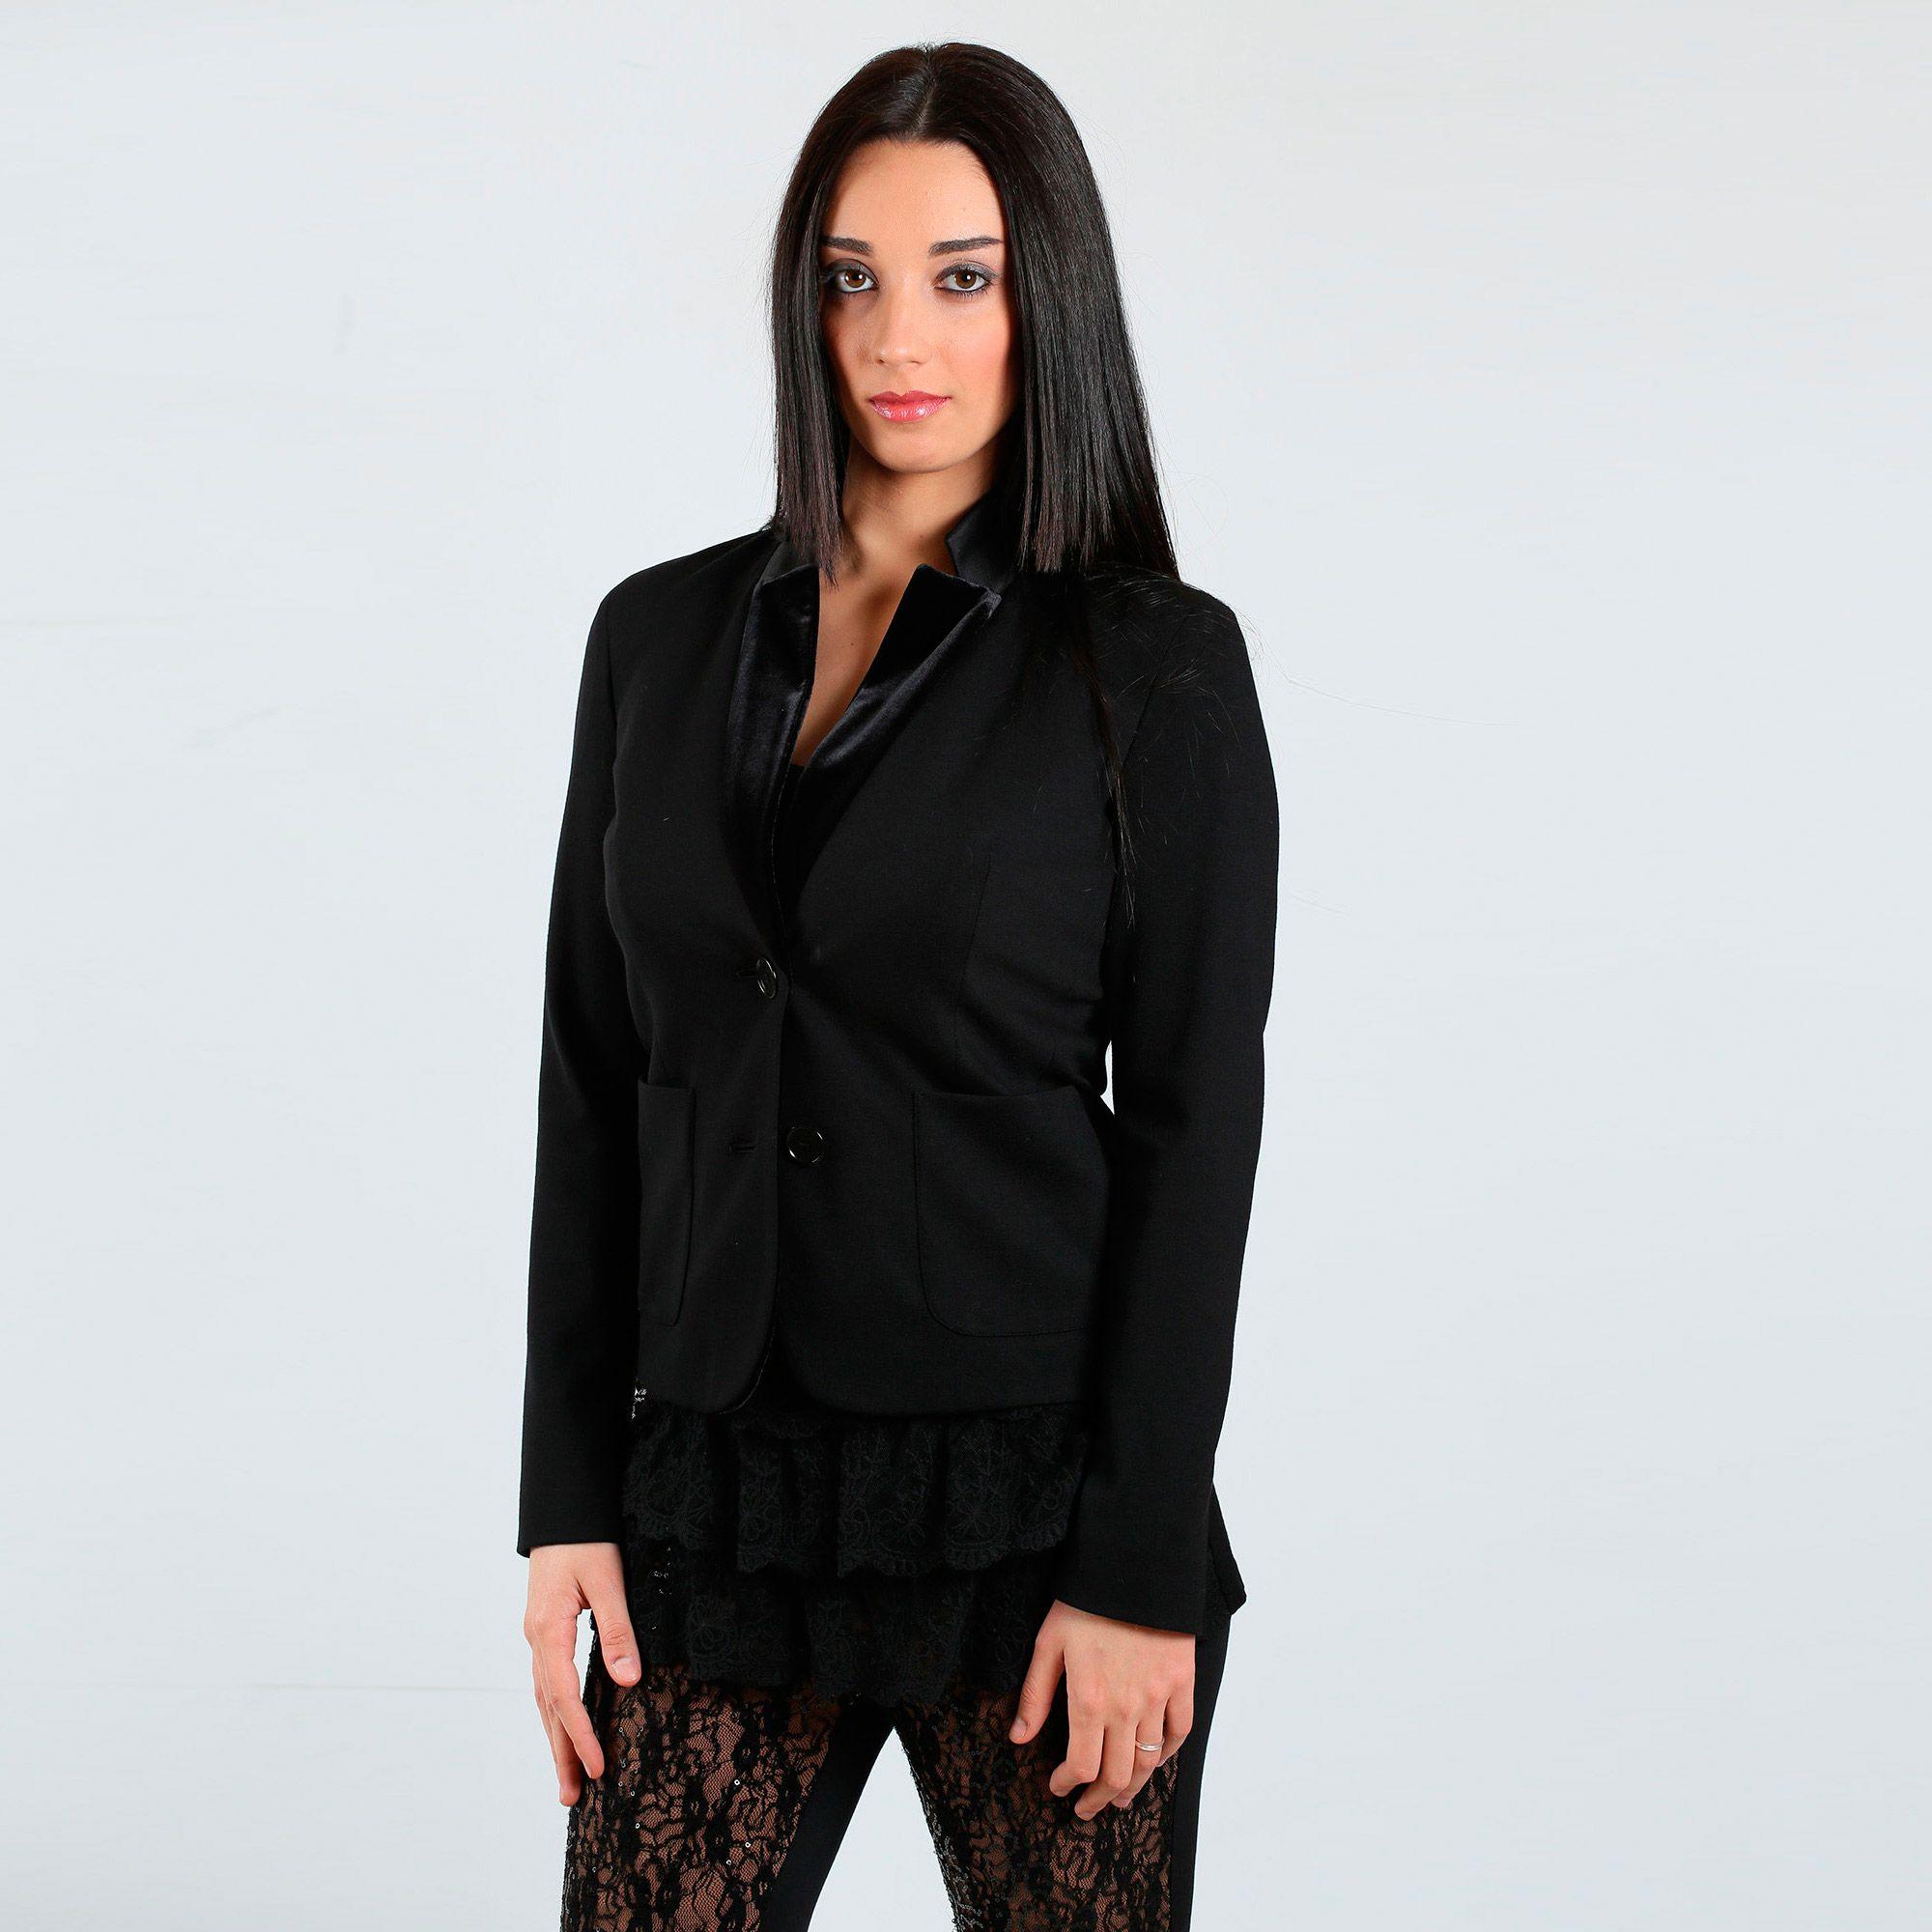 Abbigliamento Etro 15468 giacca donna A13 donna 8269 0001 Etro gaY8AY